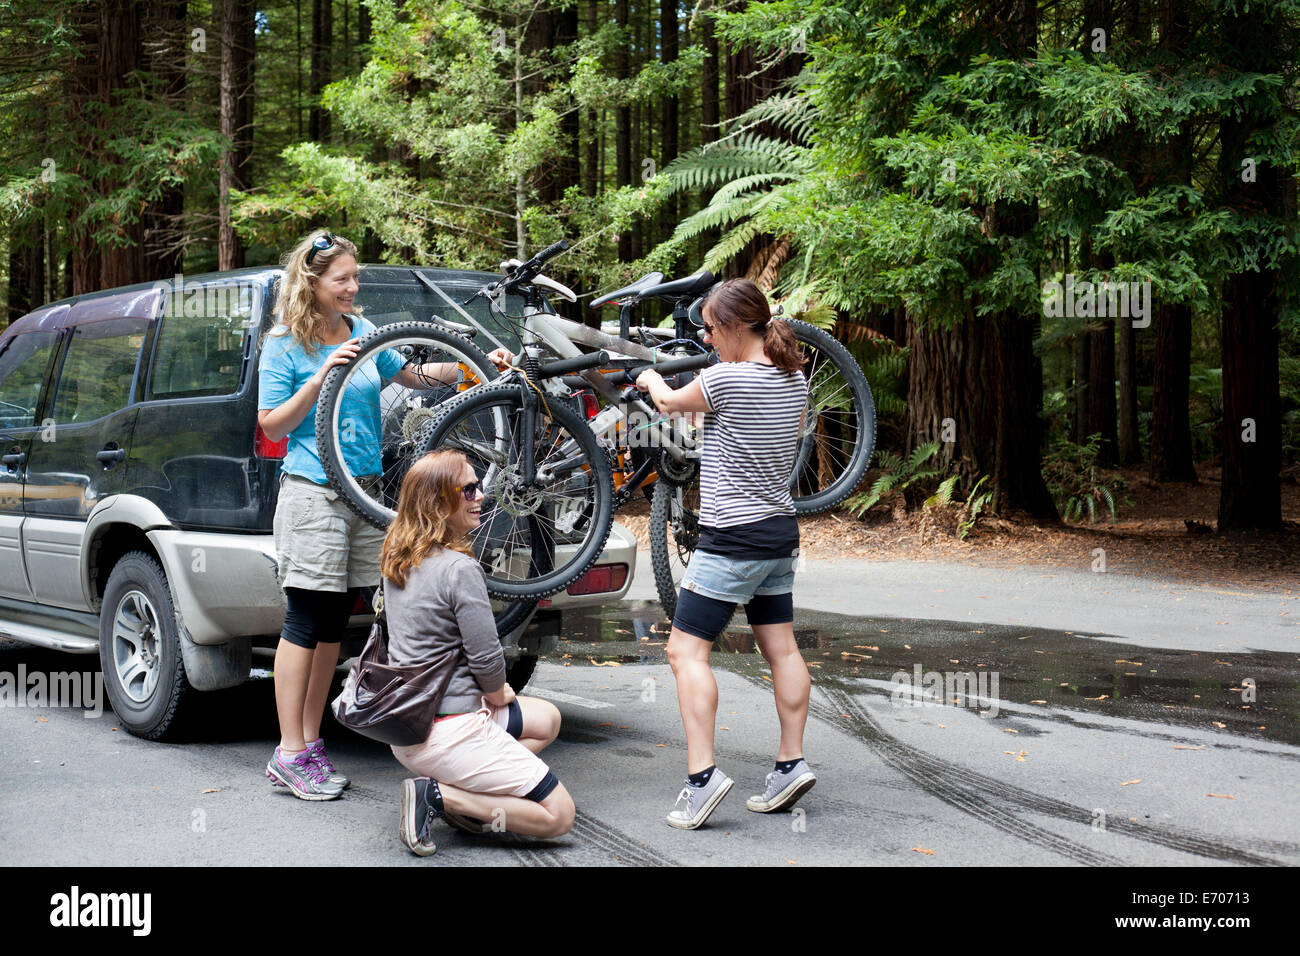 Trois femmes cyclistes de montagne levée des vélos à quatre roues dans la forêt Photo Stock